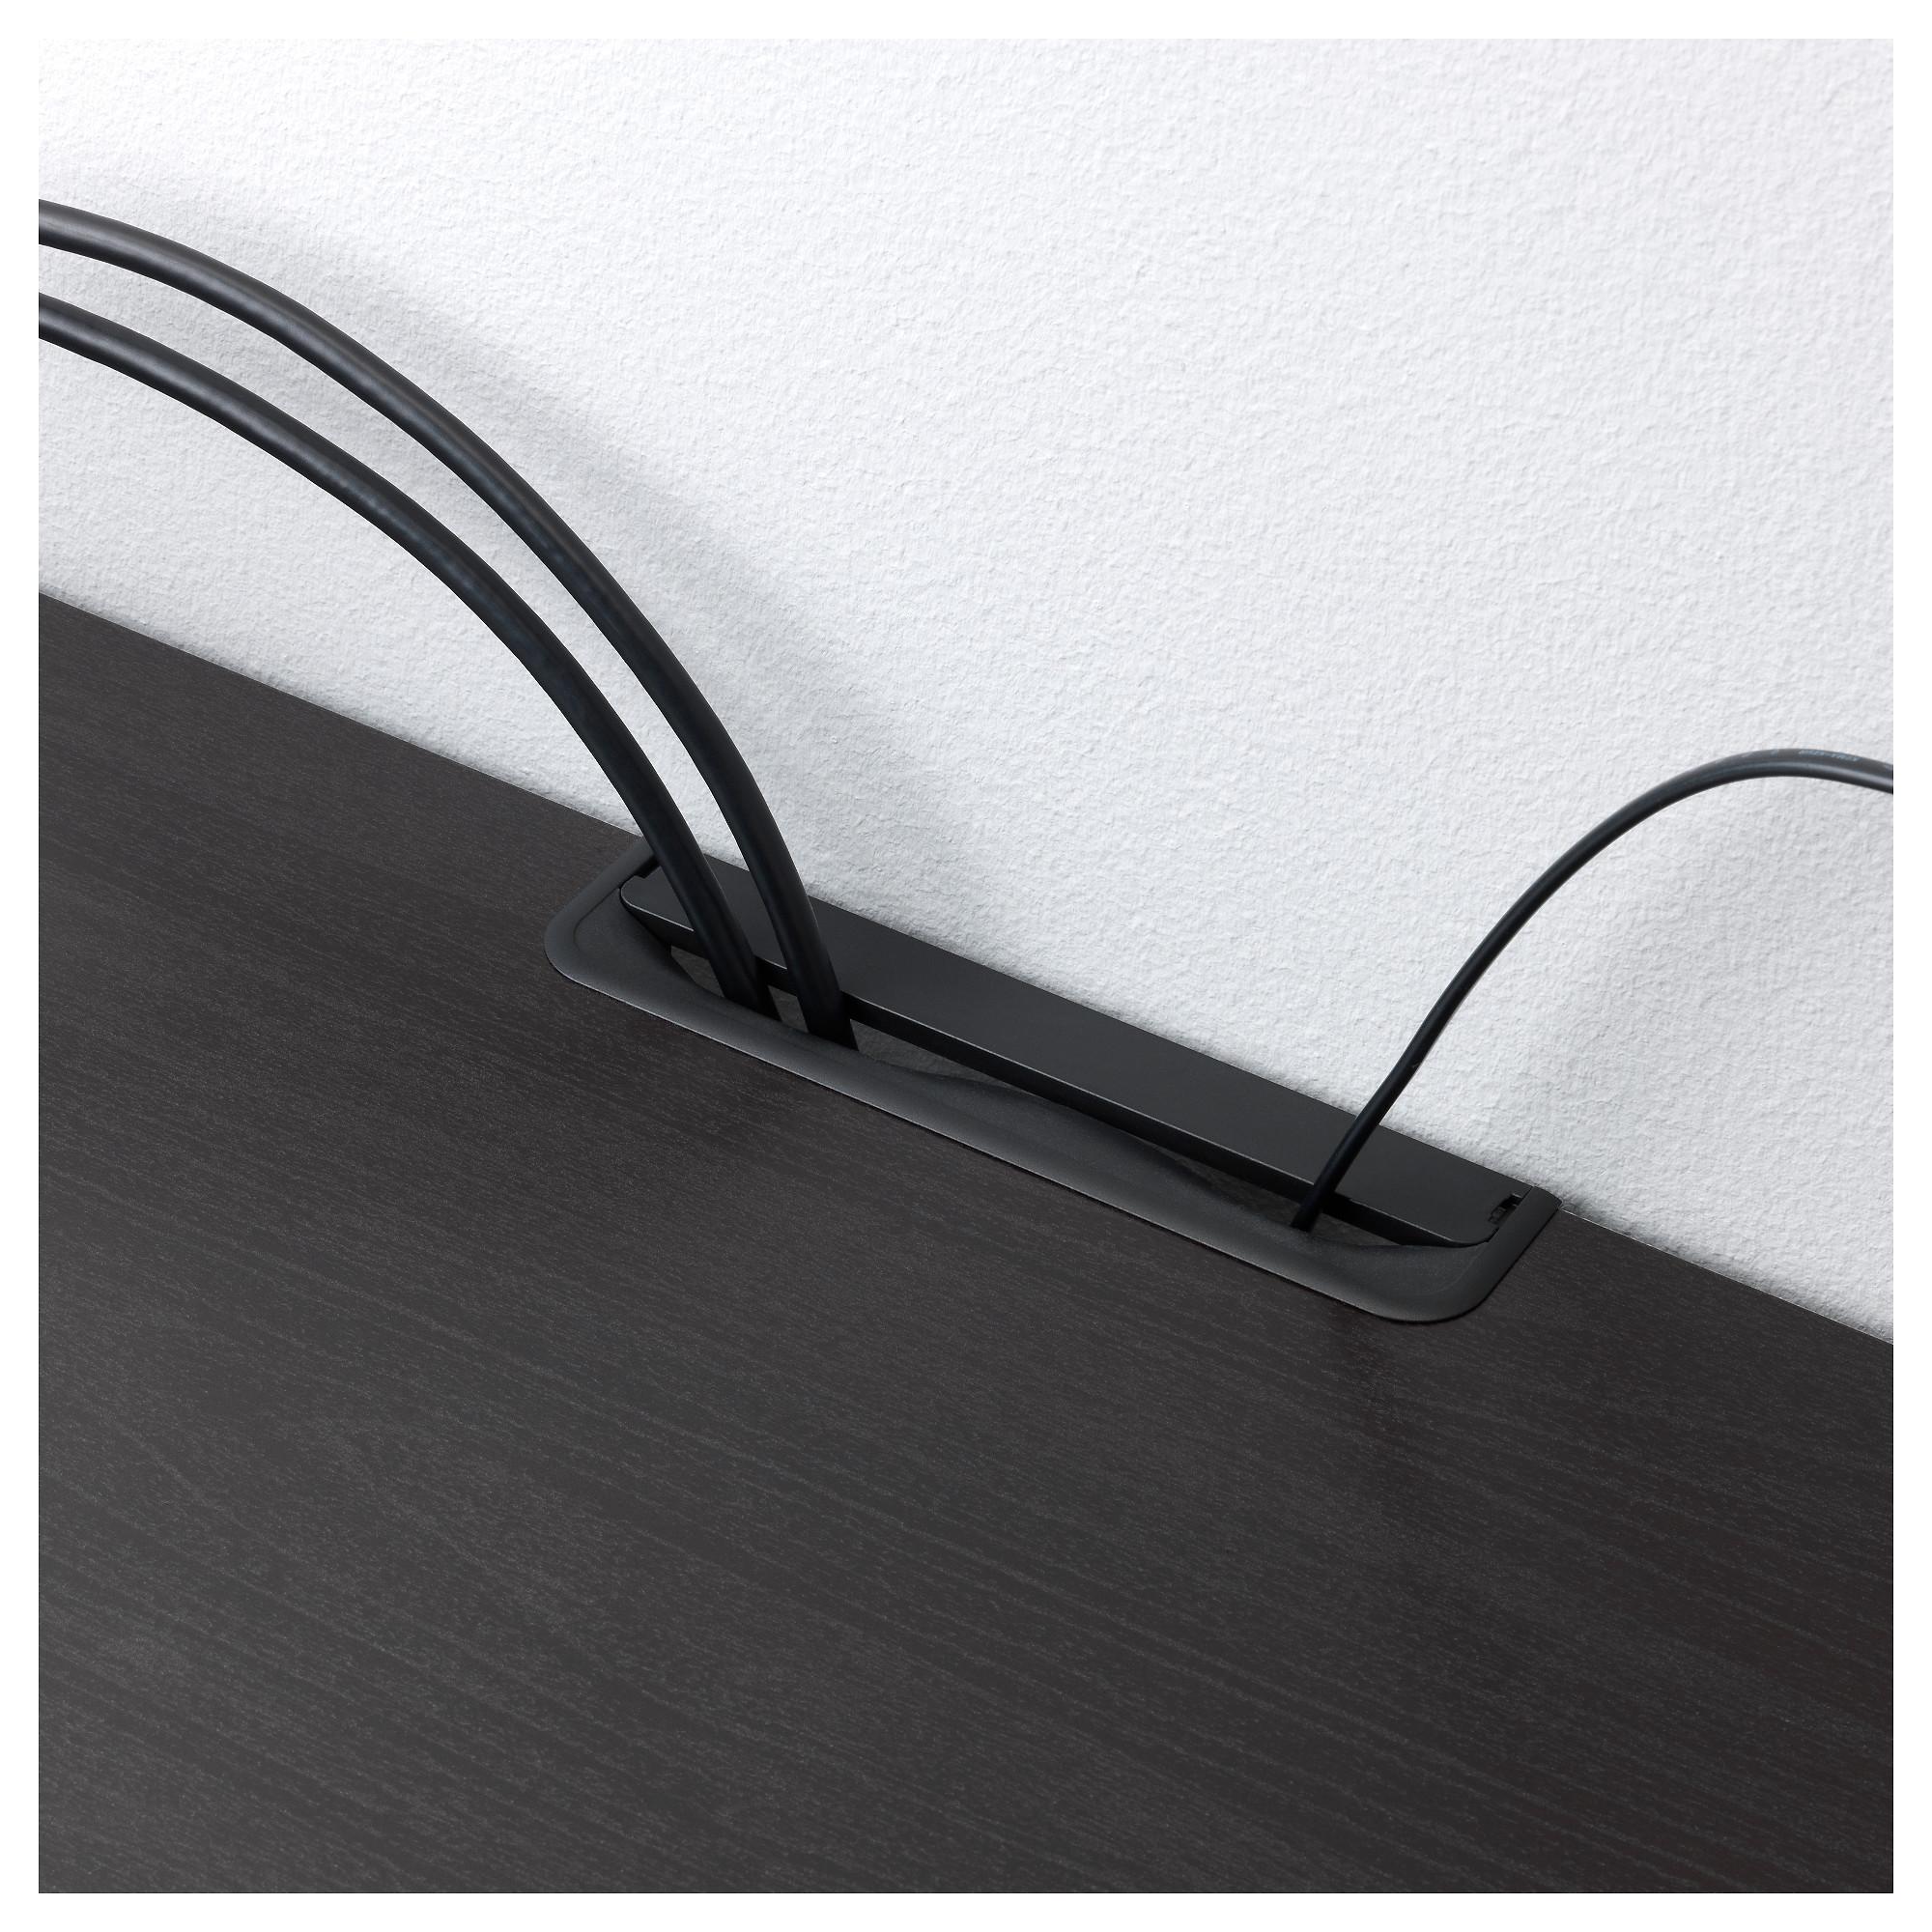 Шкаф для ТВ, комбинированный, стекляные дверцы БЕСТО артикуль № 892.504.96 в наличии. Интернет каталог IKEA РБ. Быстрая доставка и монтаж.